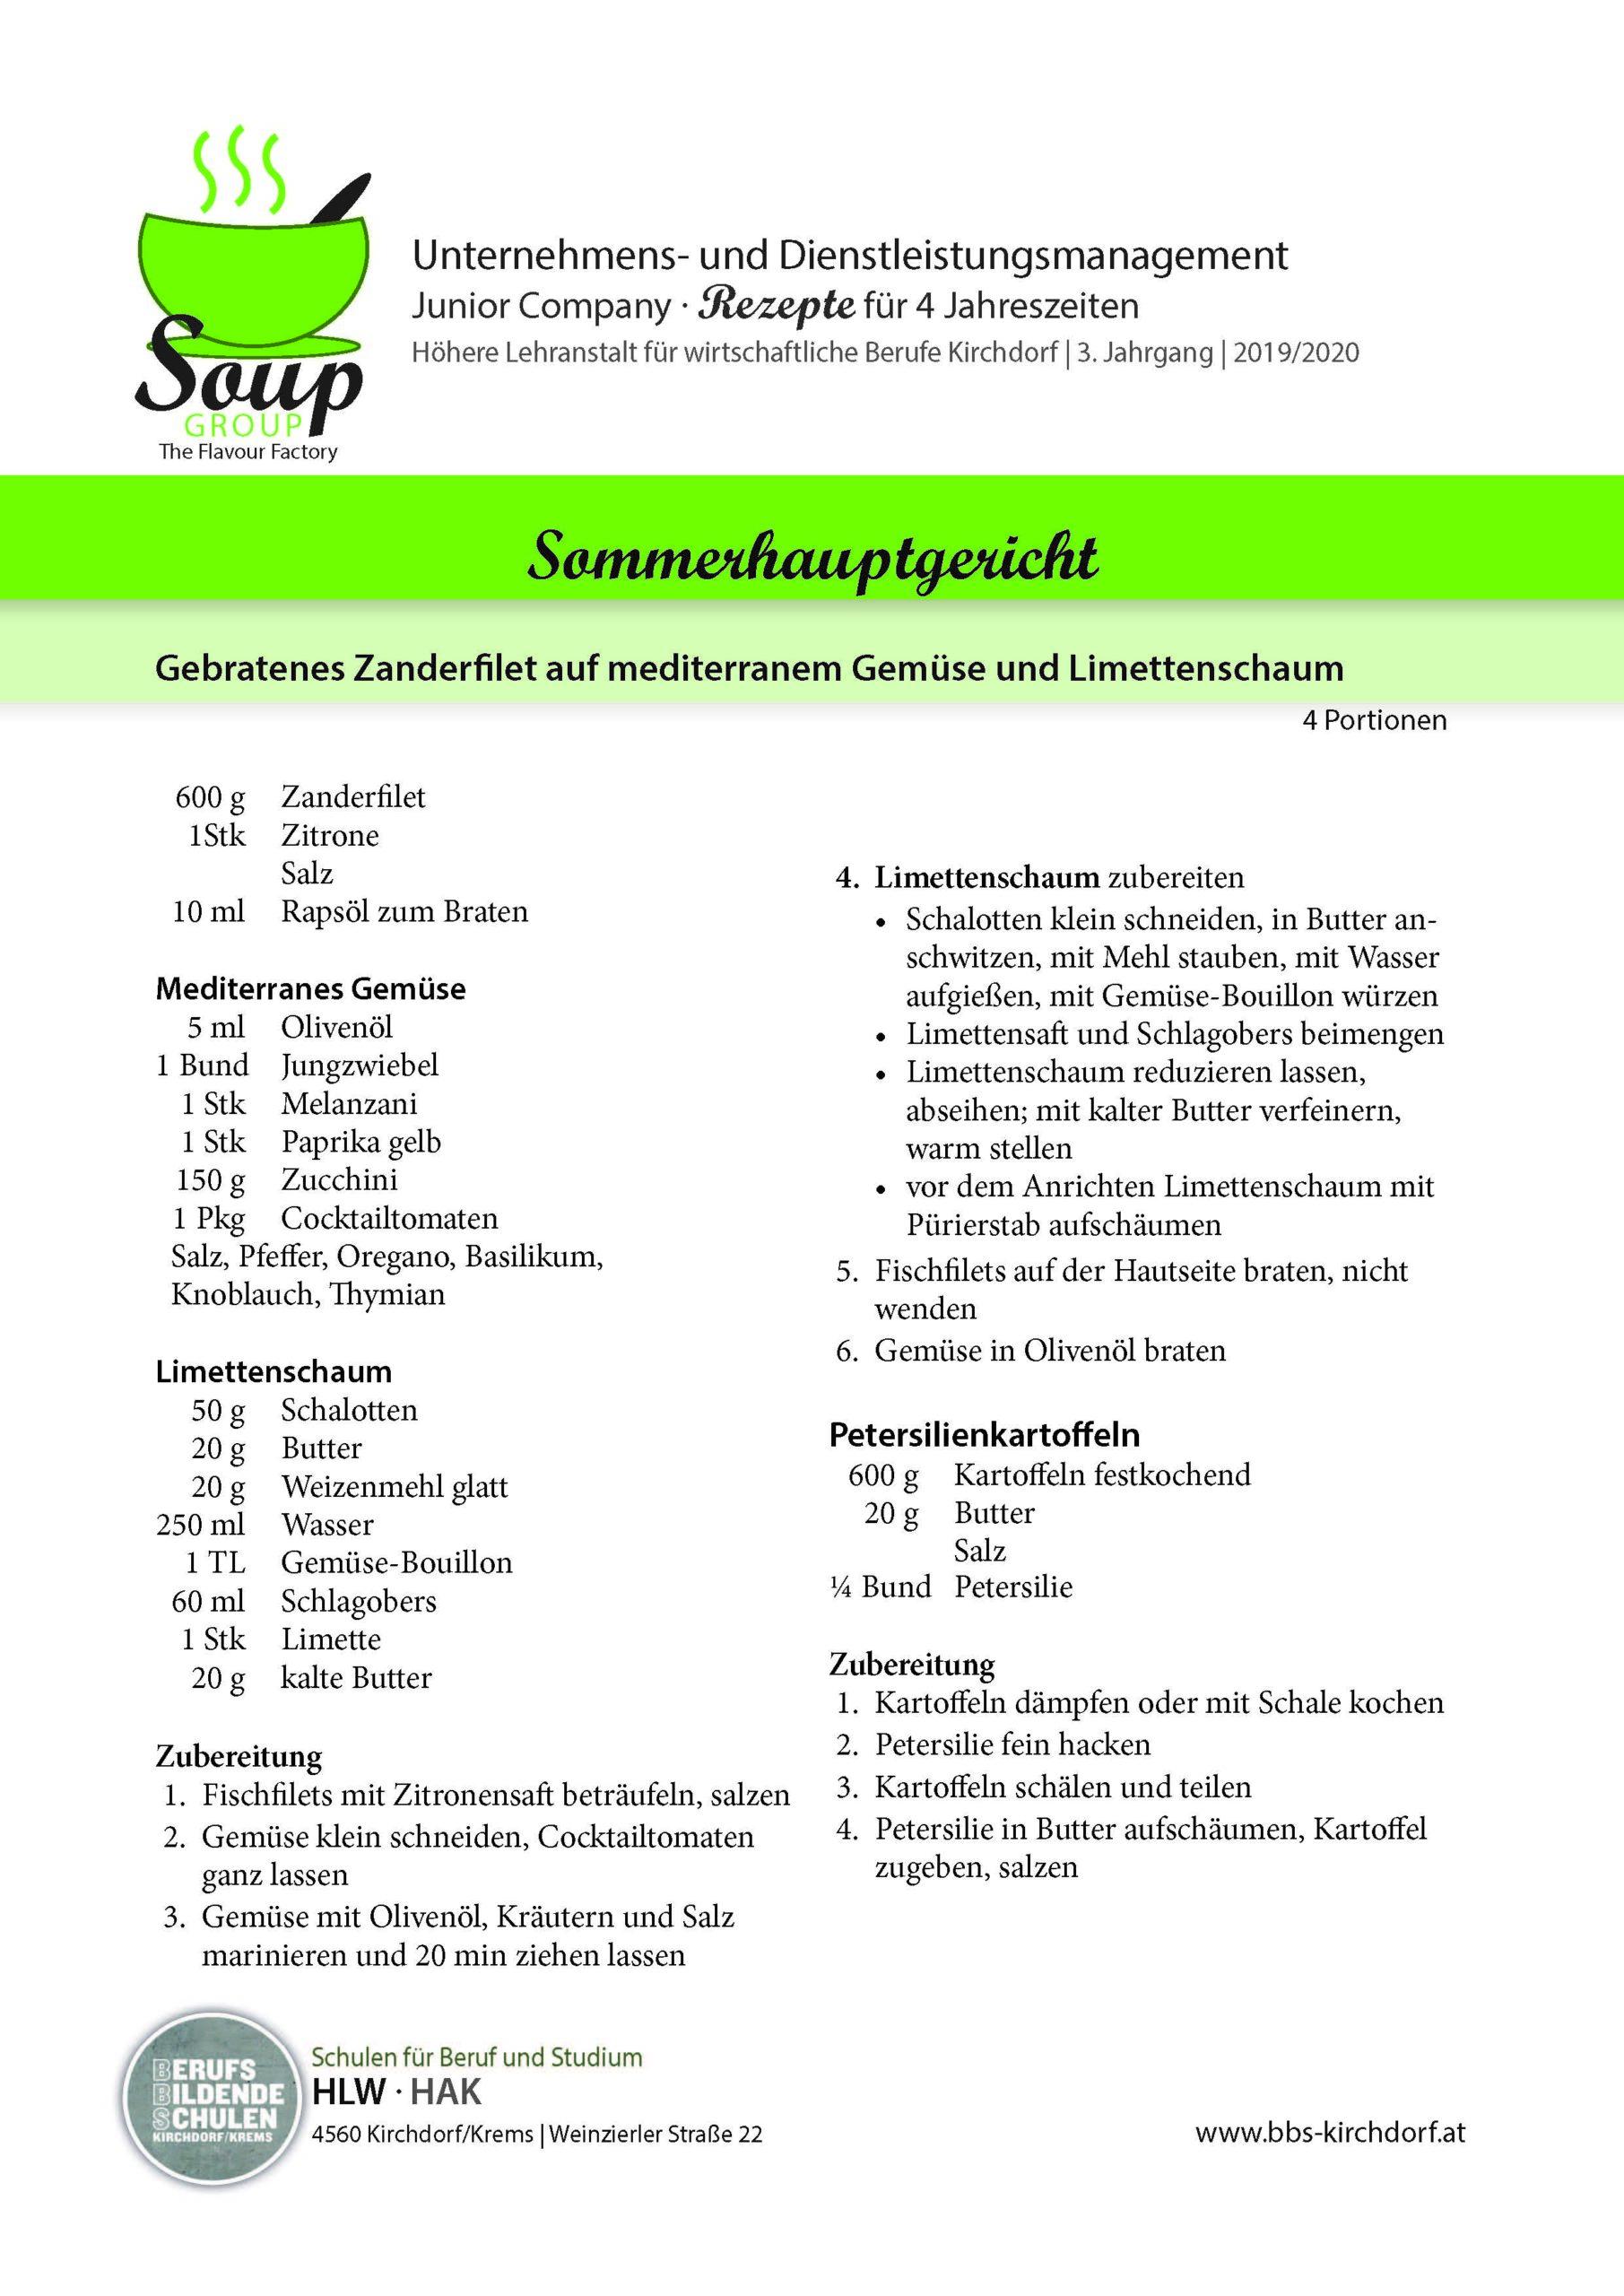 HLW_Jg3b_UDM_SommerRezepte2020_Seite_2